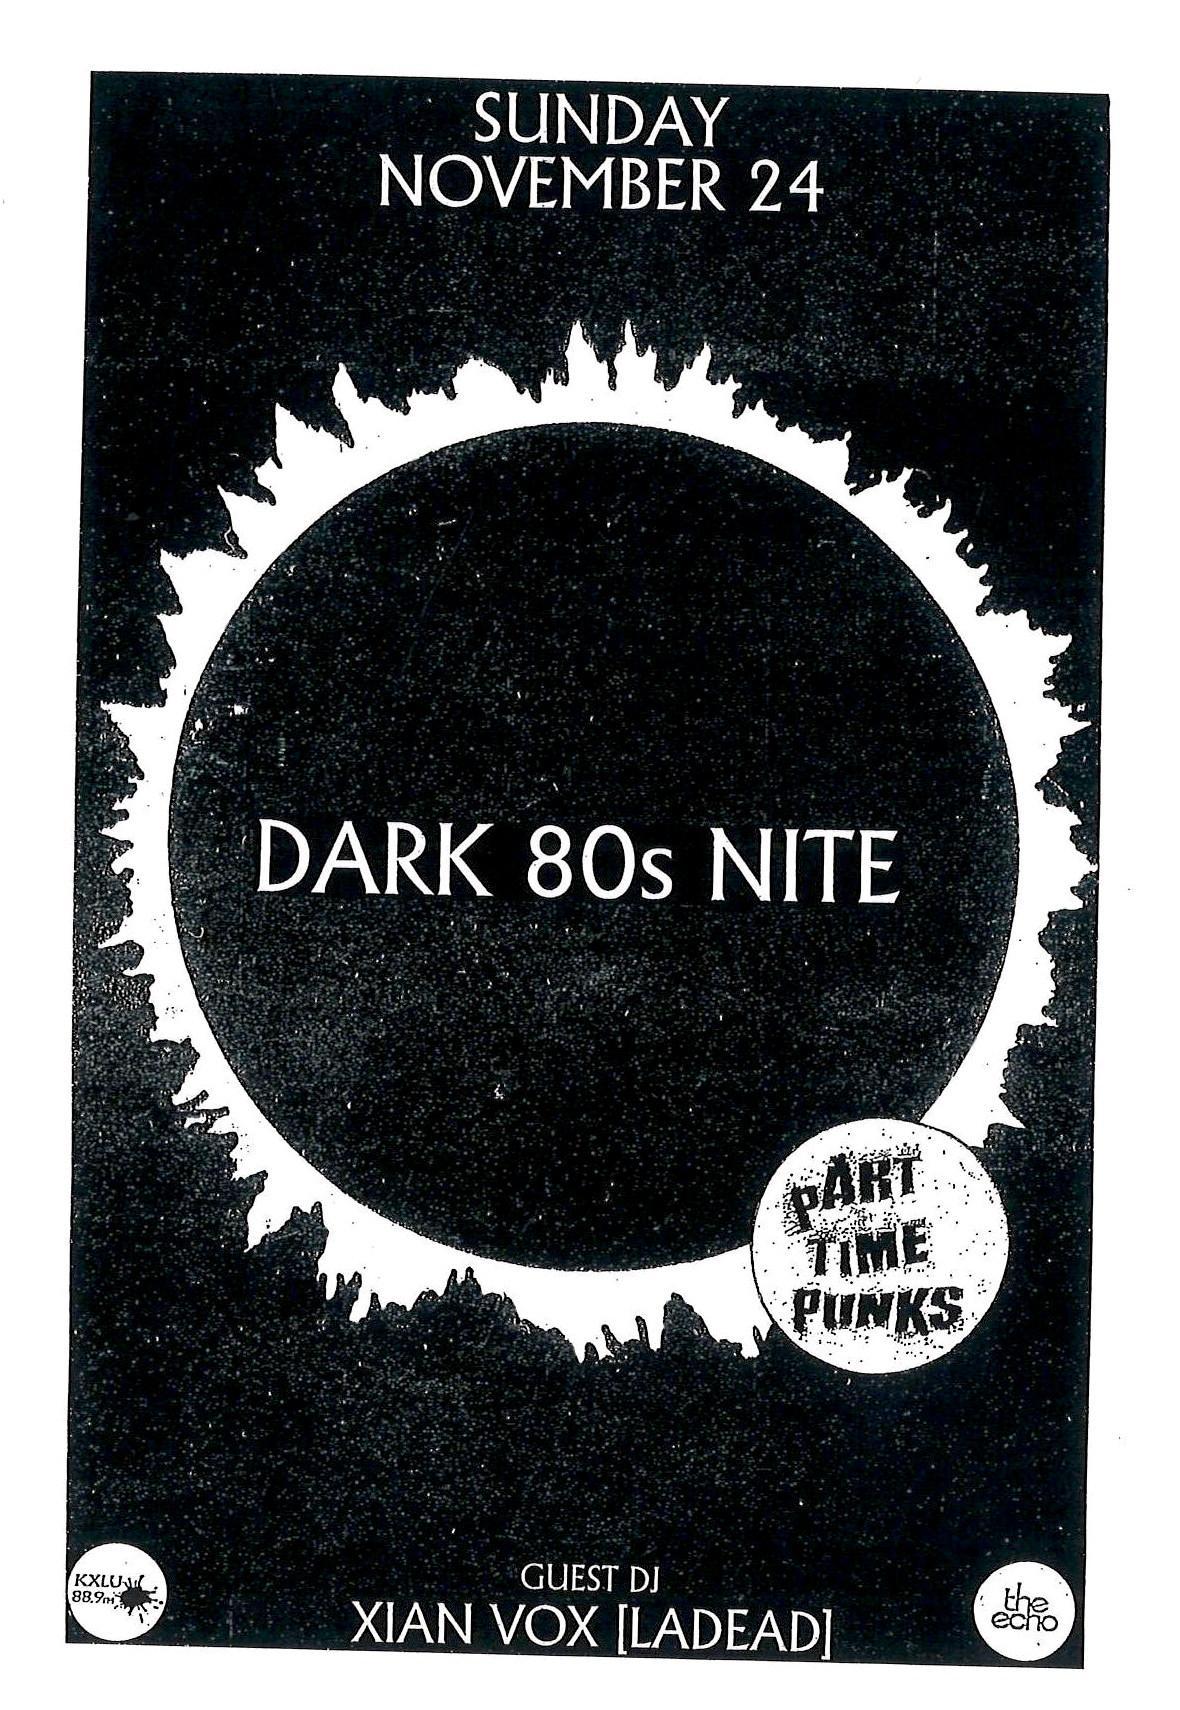 DARK 80s NITE w/Guest DJ Xian Vox